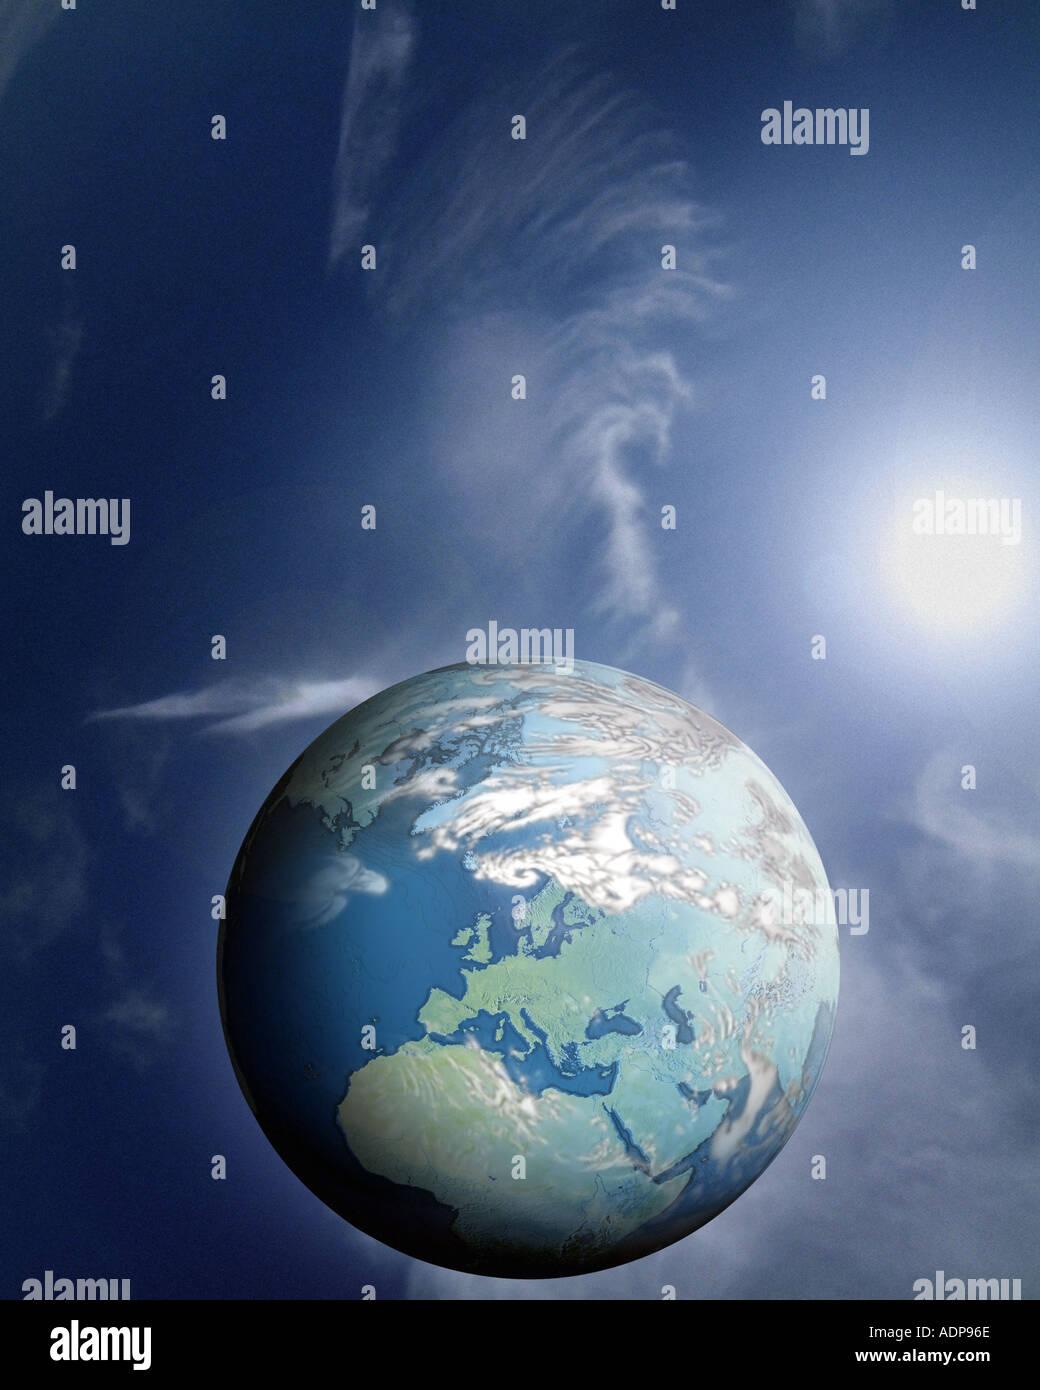 Concepto: El Planeta Tierra Imagen De Stock